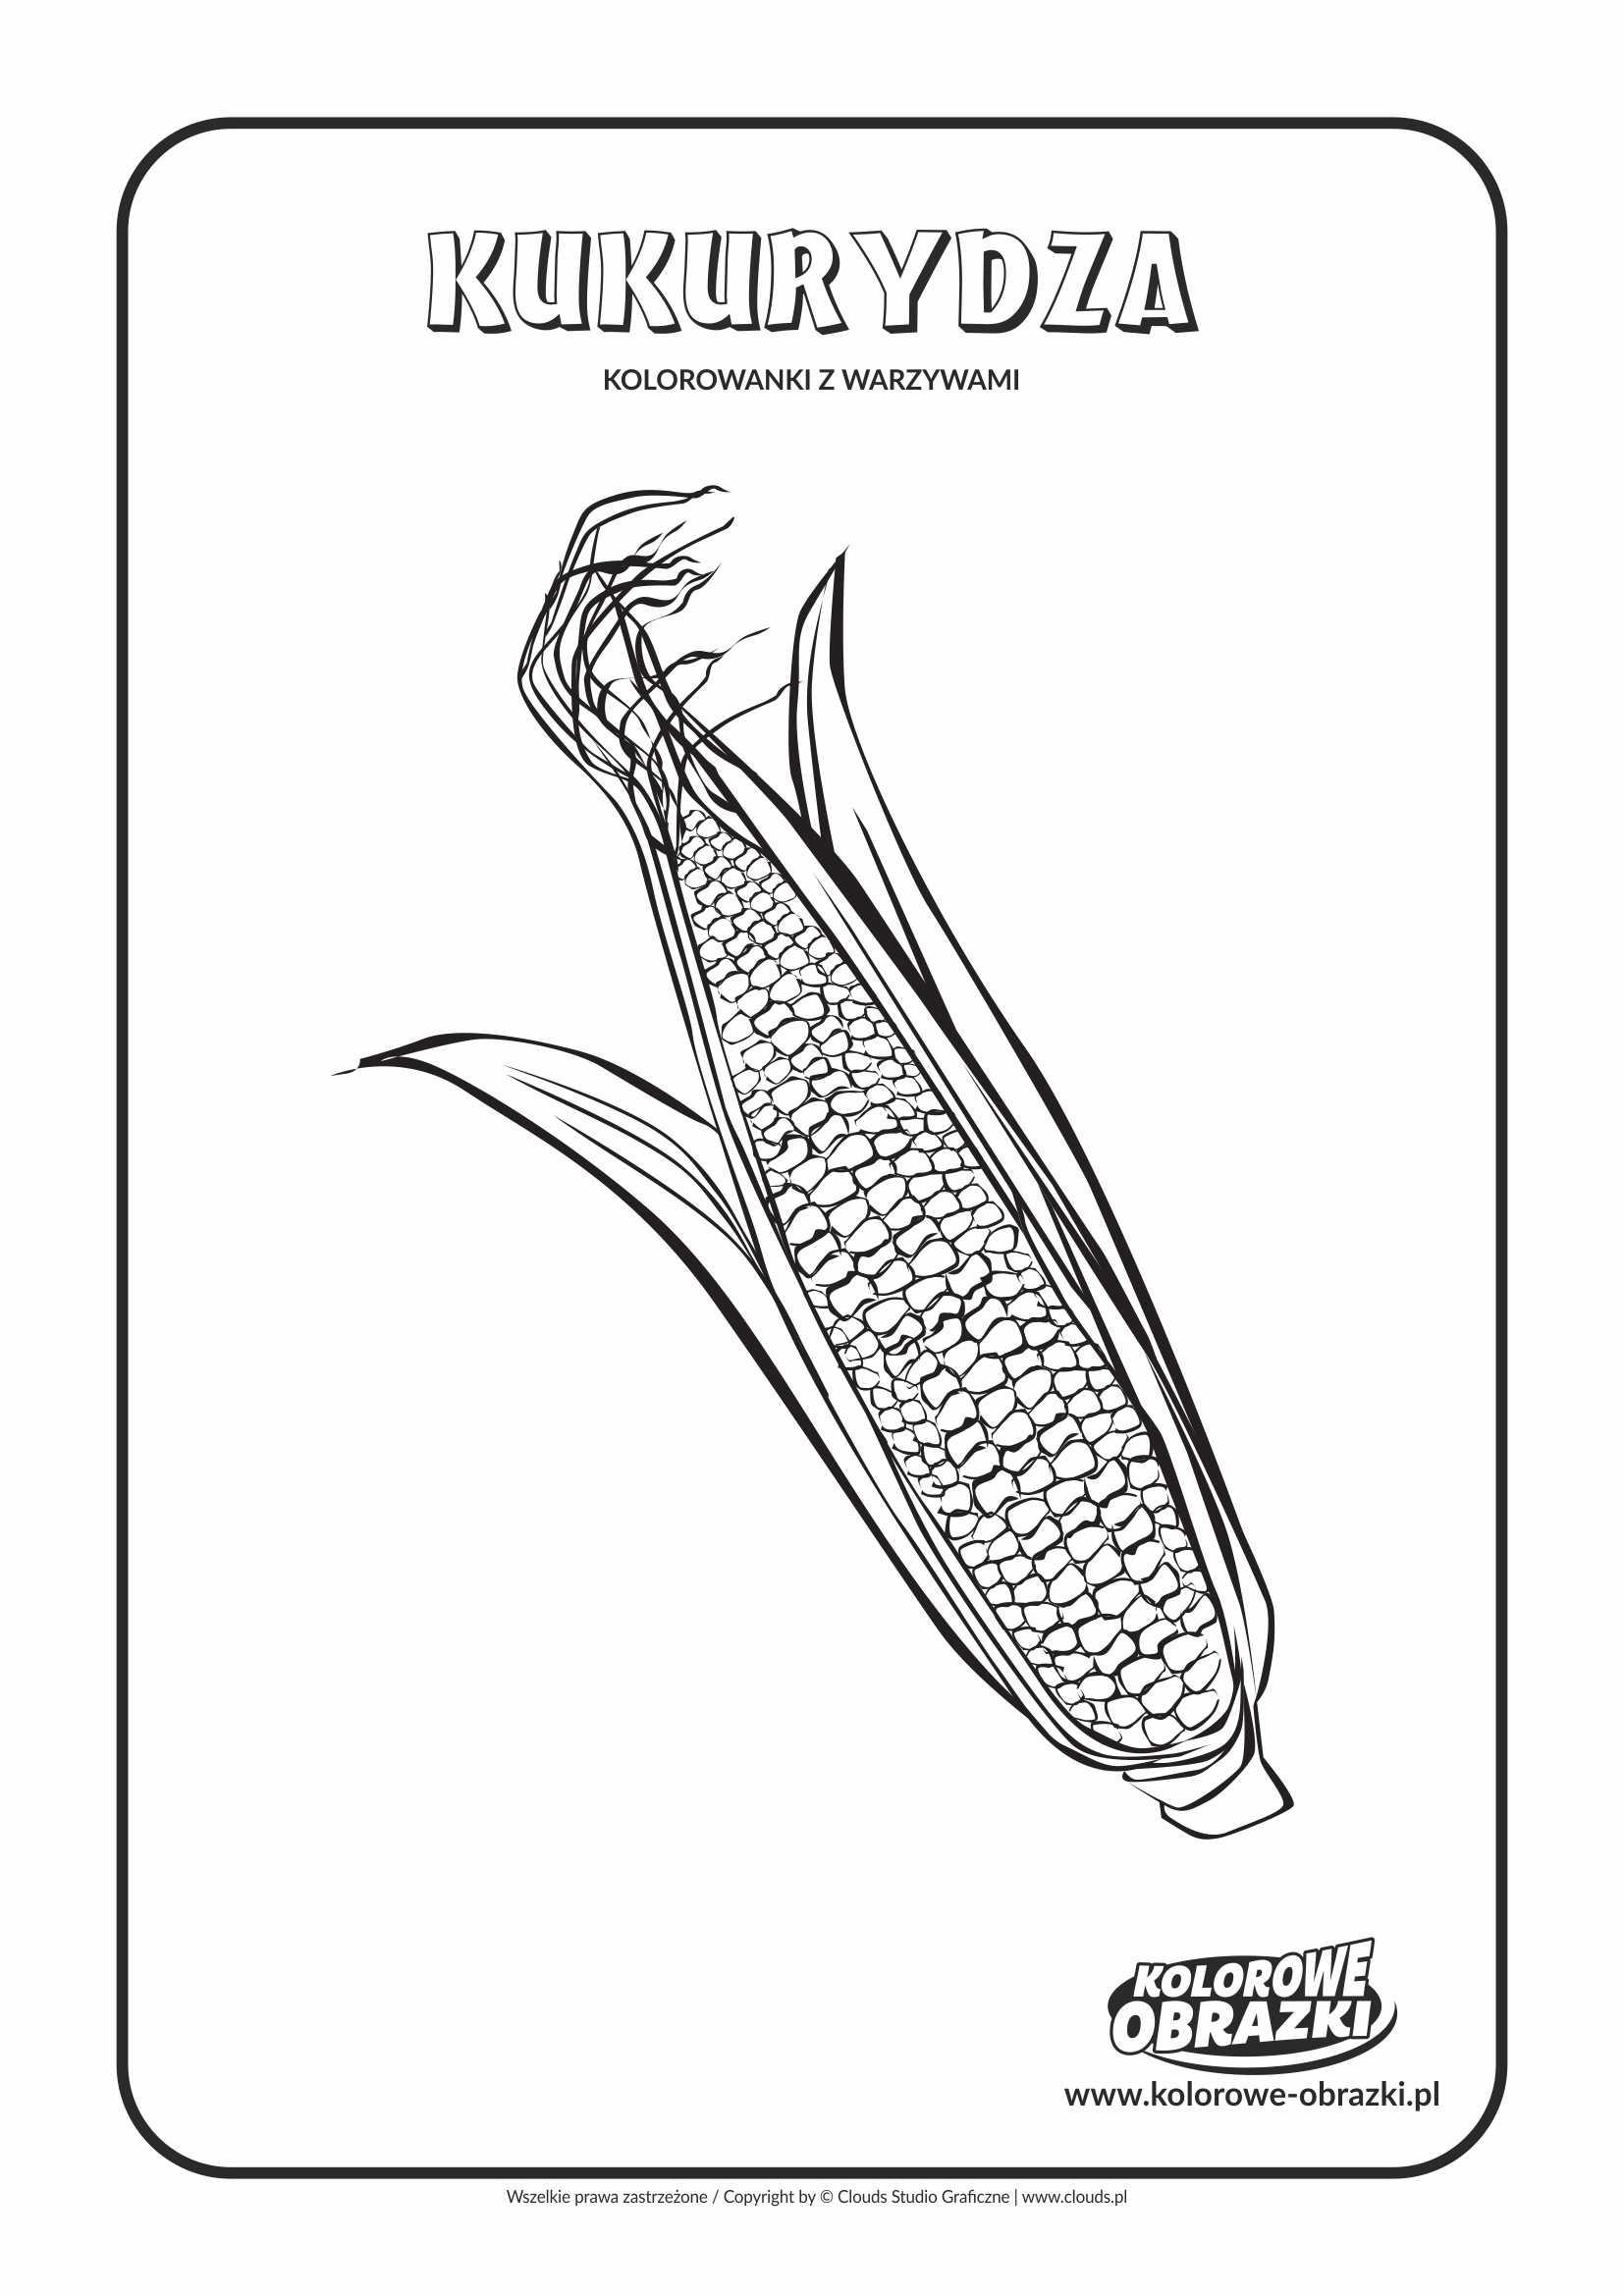 Kolorowanki dla dzieci - Rośliny / Kukurydza. Kolorowanka z kukurydzą